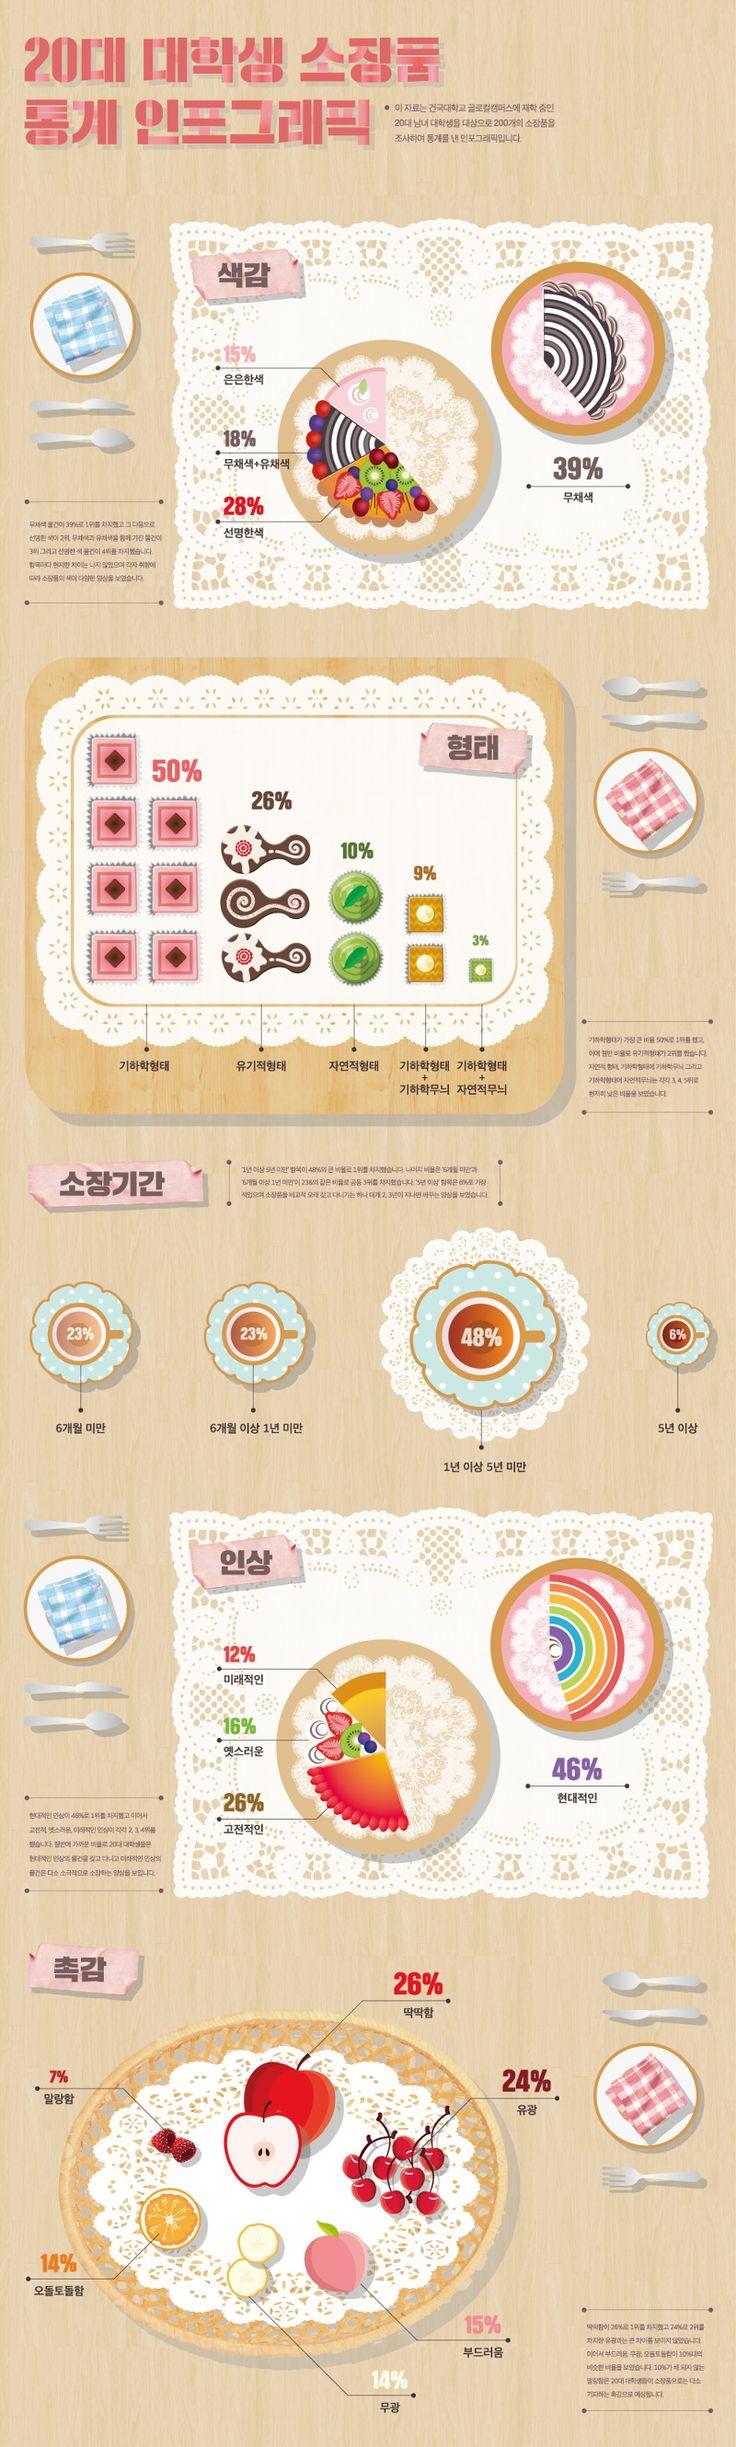 20대 대학생 소장품 통계 인포그래픽 Statistical infographic about a collection of college students in 20s - Go on Studio